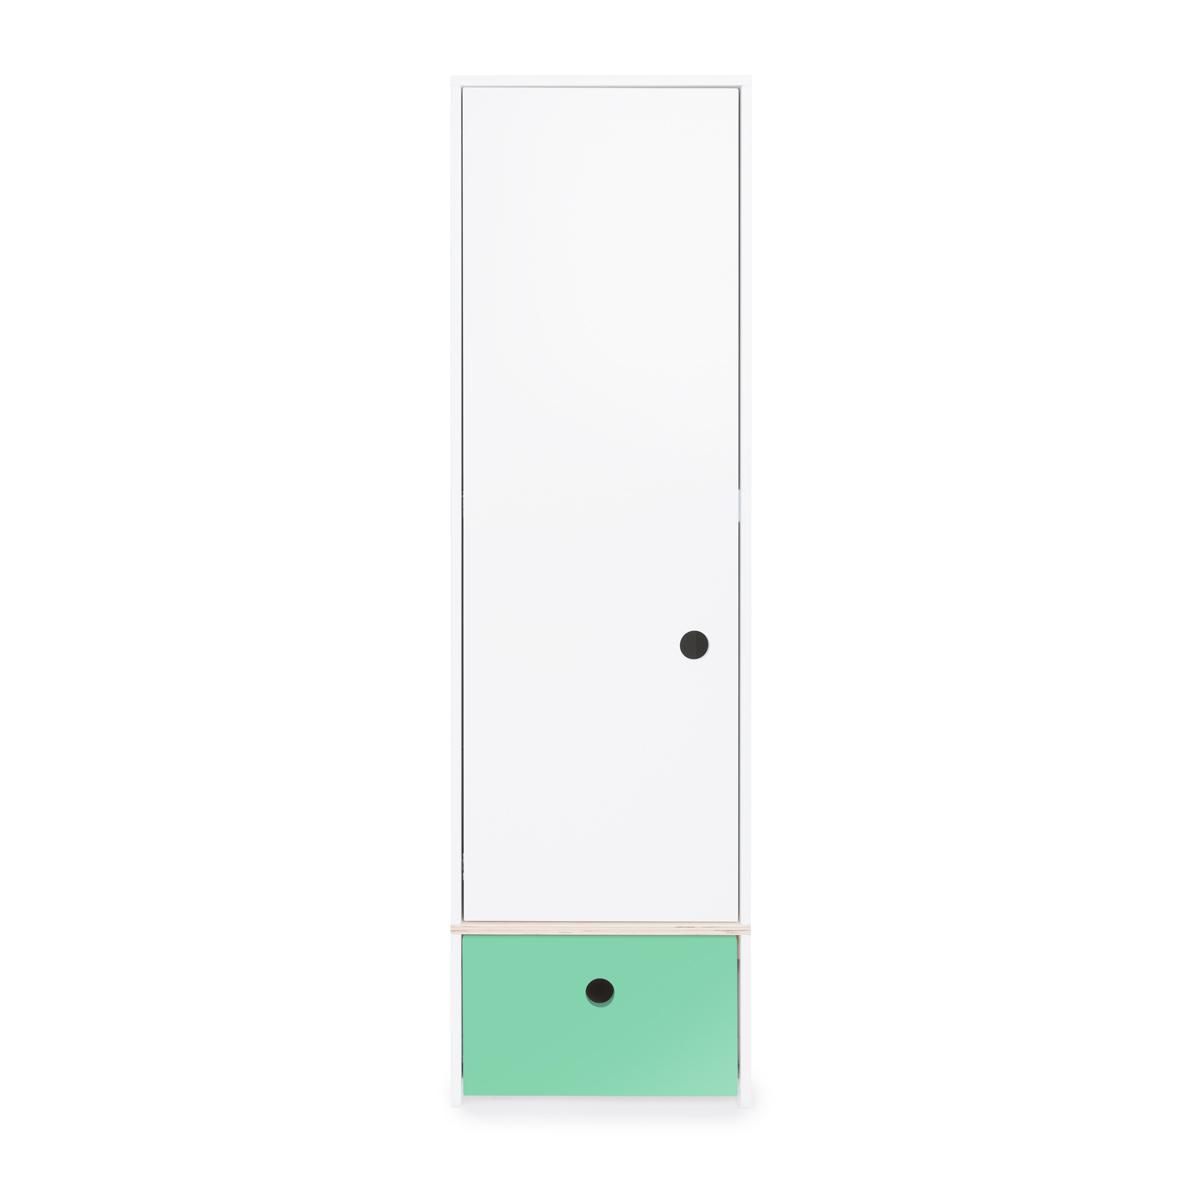 Armoire 1 porte COLORFLEX façade tiroir seafoarm